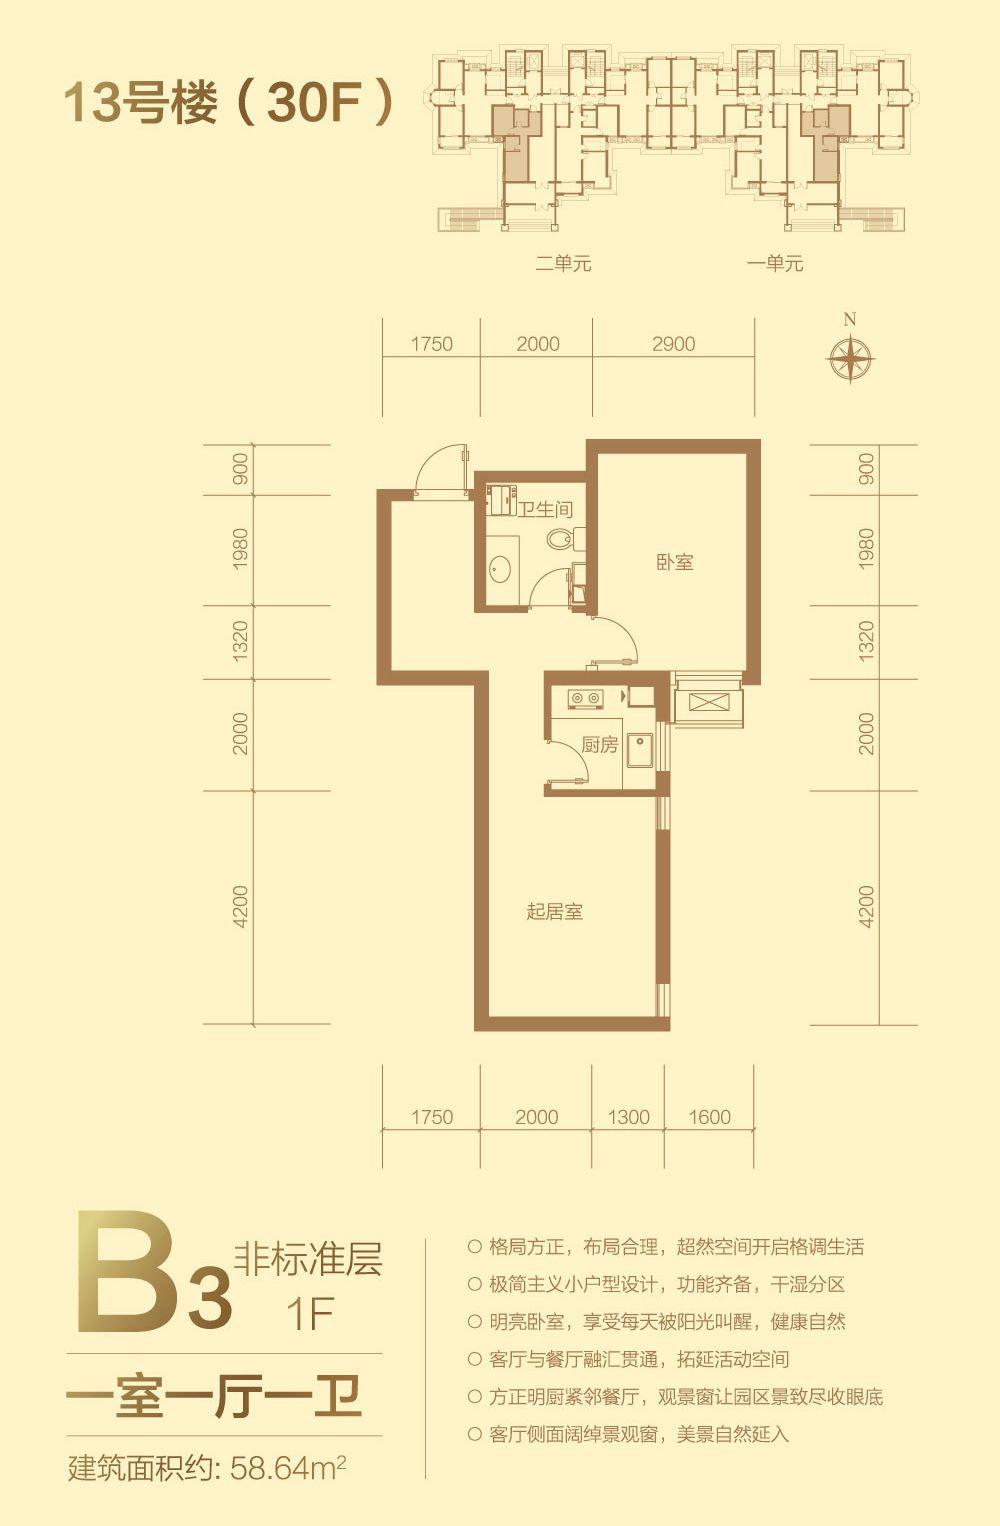 金屋秦皇半岛最新户型图公布(2)